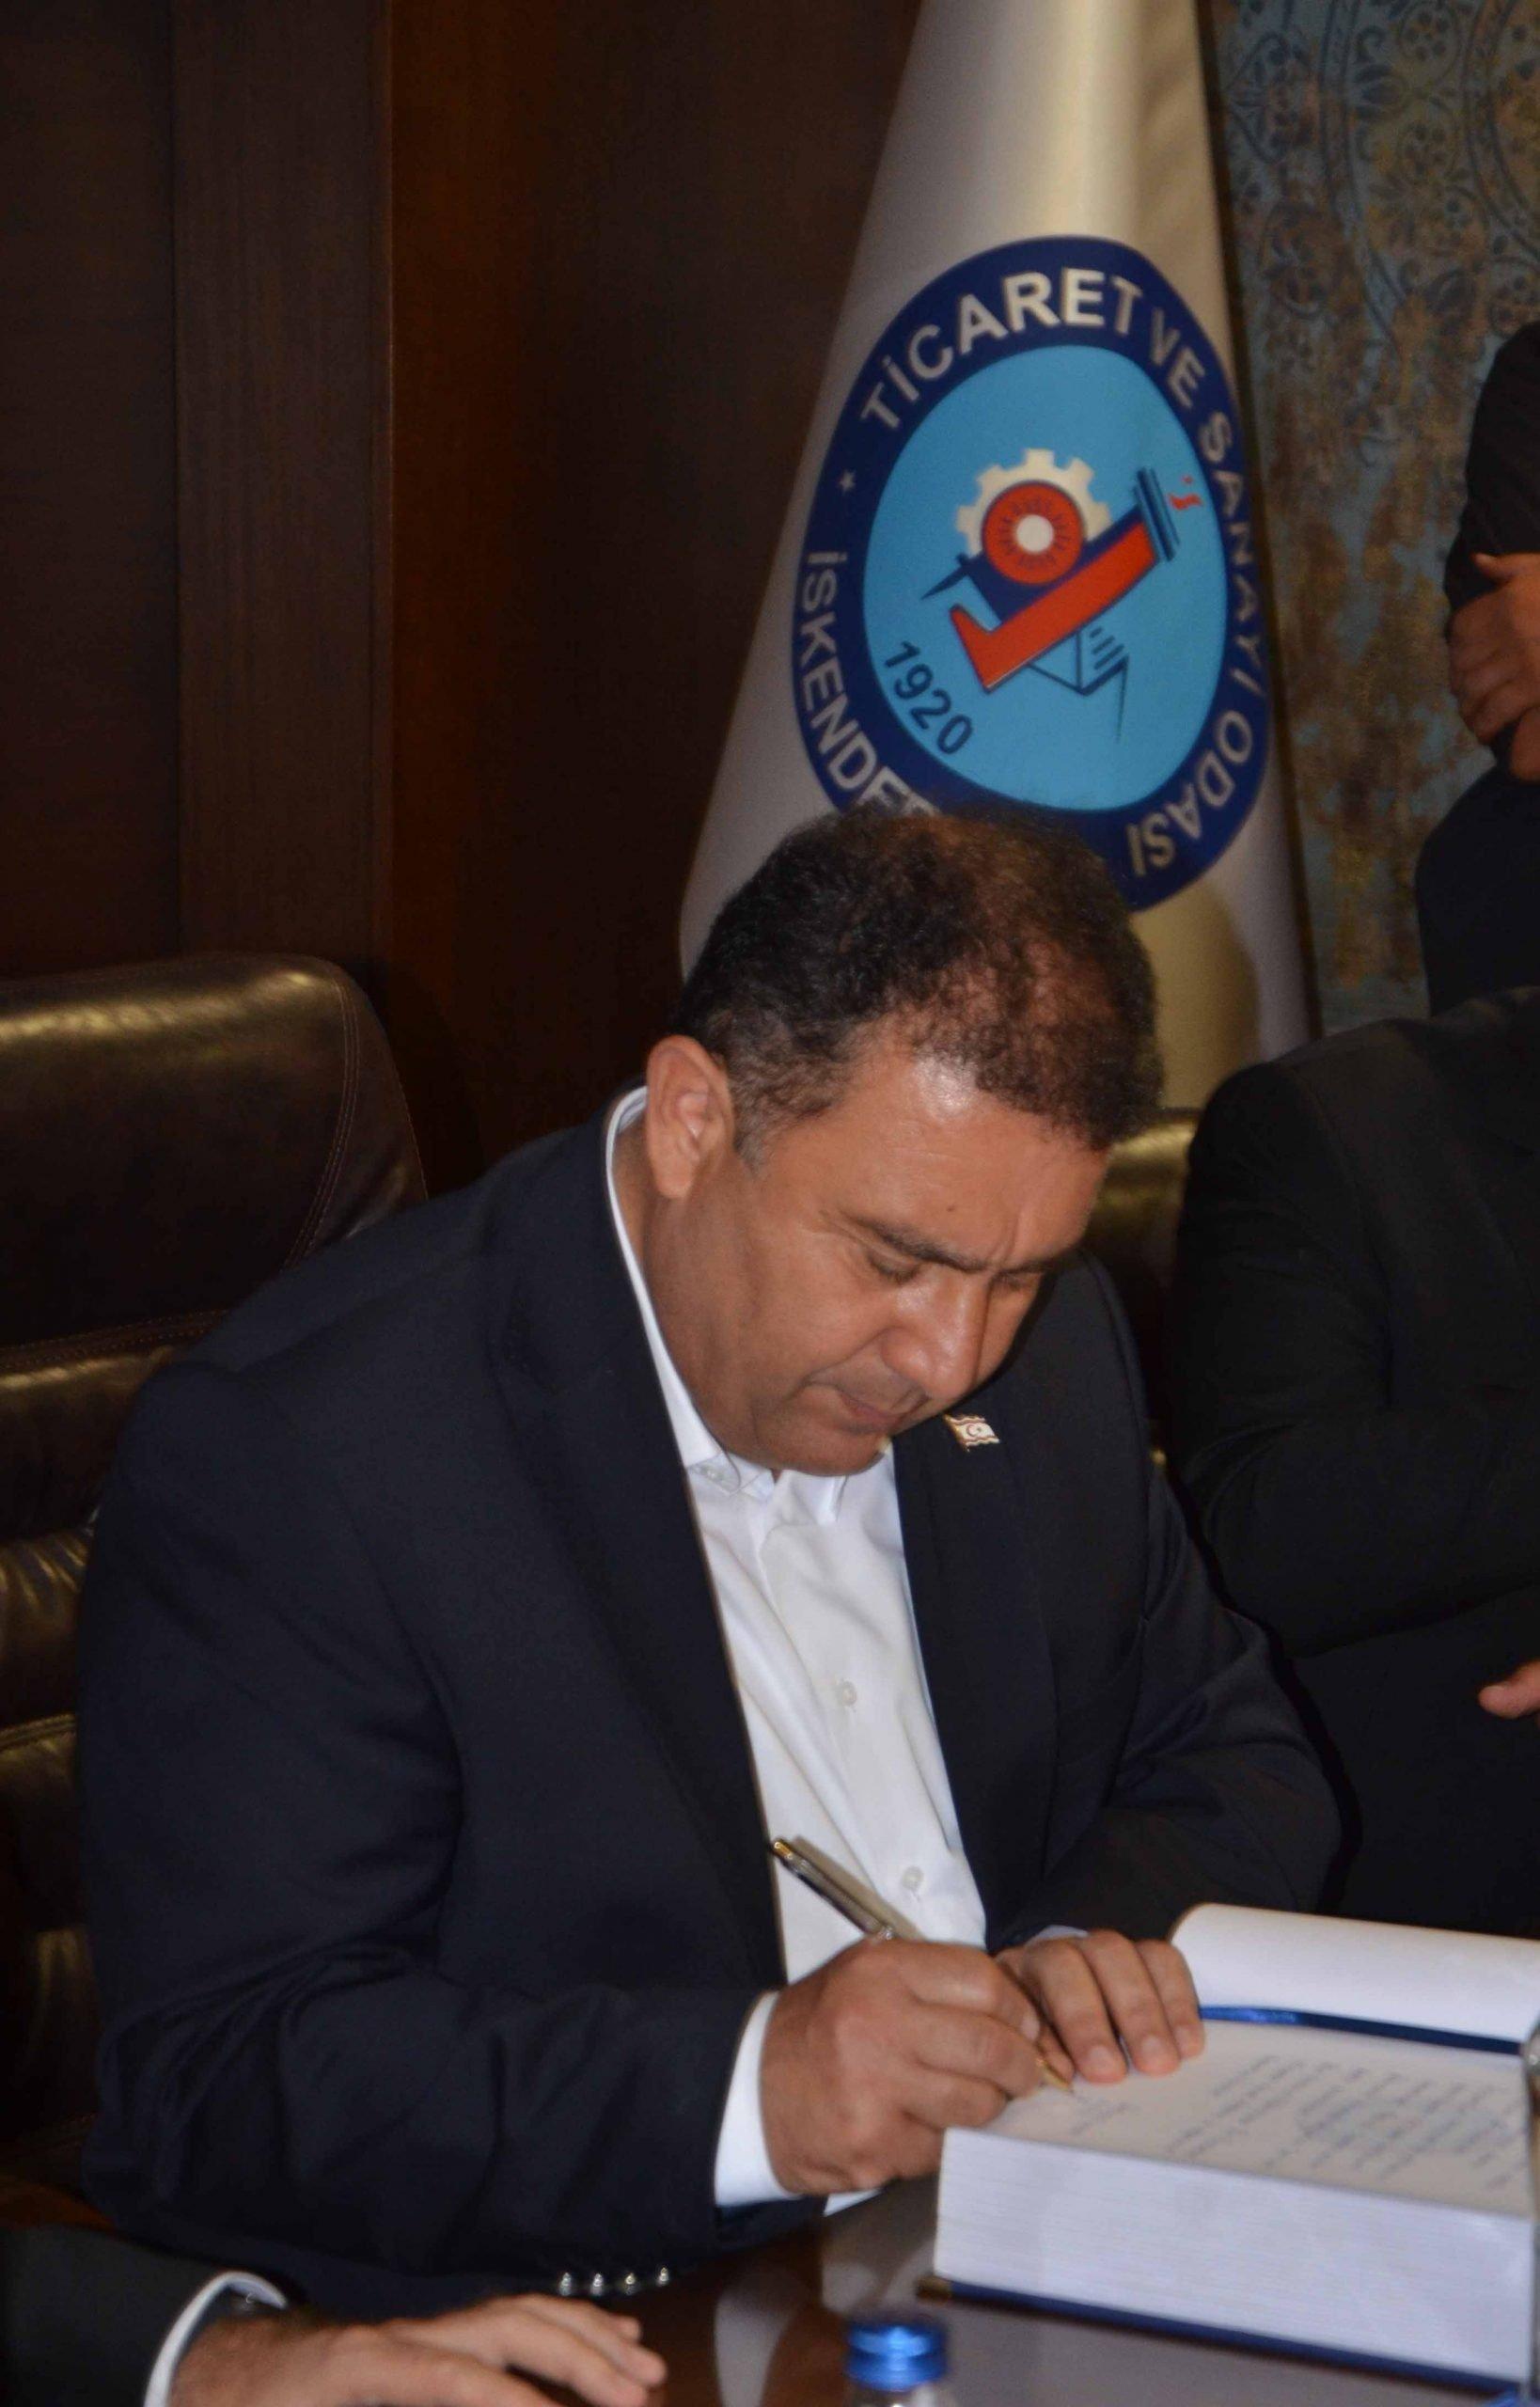 Kuzey Kıbrıs Türk Cumhuriyeti Başbakanı  Ersan Saner, İskenderun Ticaret ve Sanayi Odasını ziyaret etti